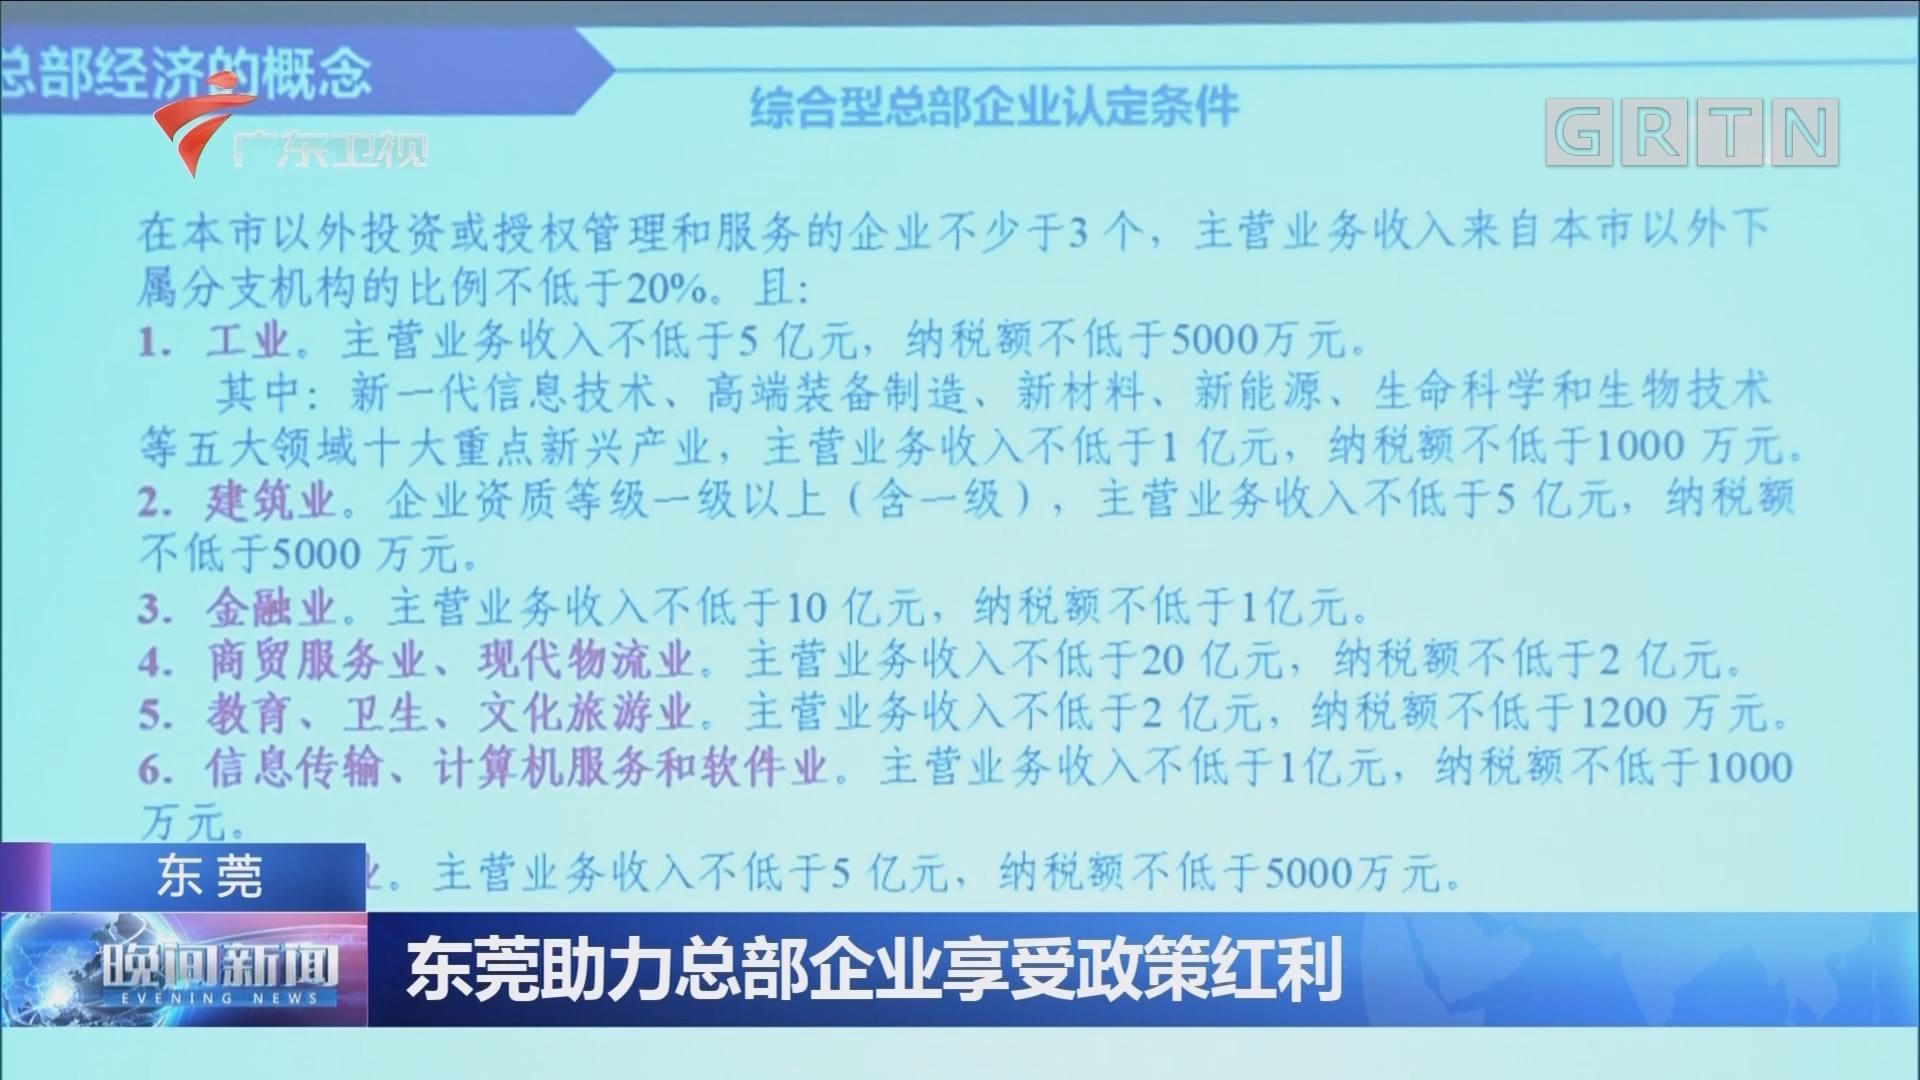 东莞:东莞助力总部企业享受政策红利